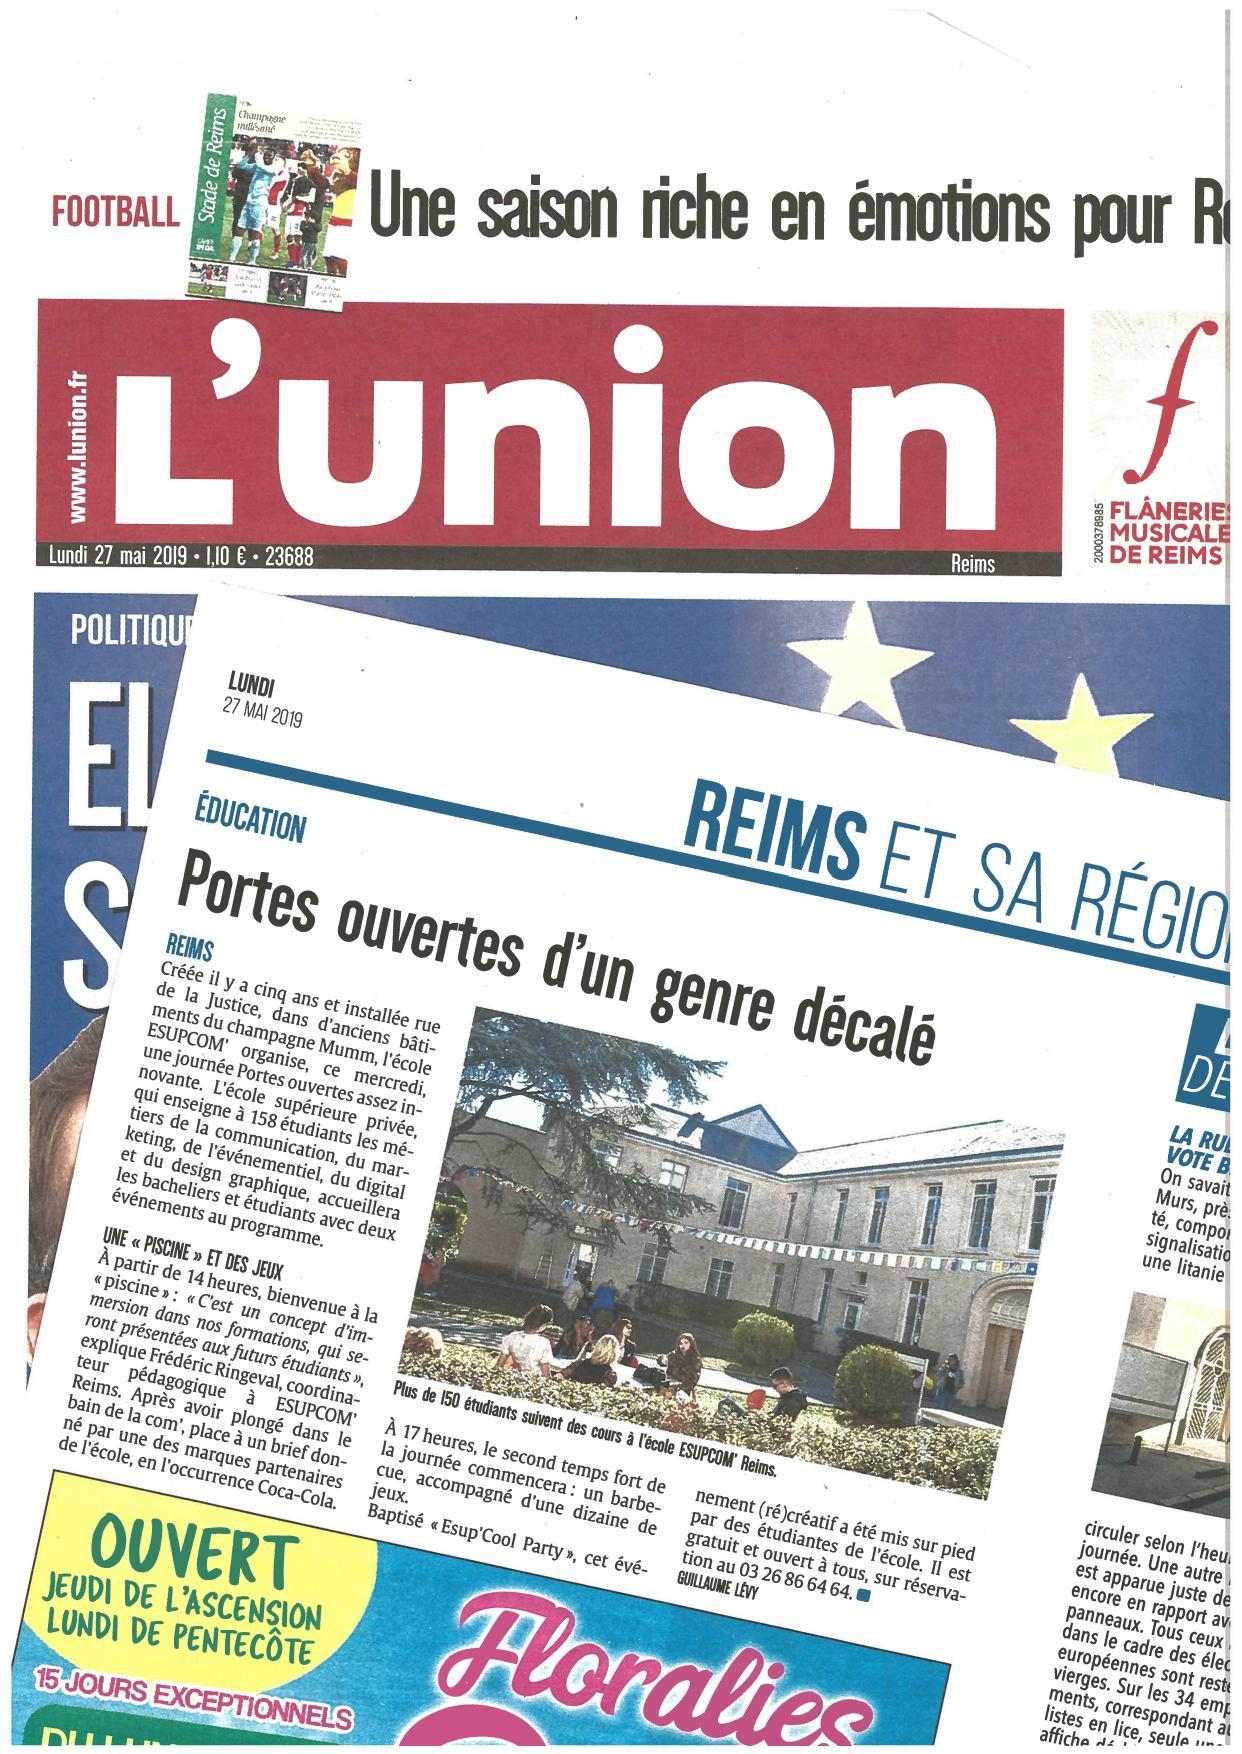 L'UNION 27 mai 2019 - Portes ouvertes d'un genre décalé dans une école supérieure de Reims